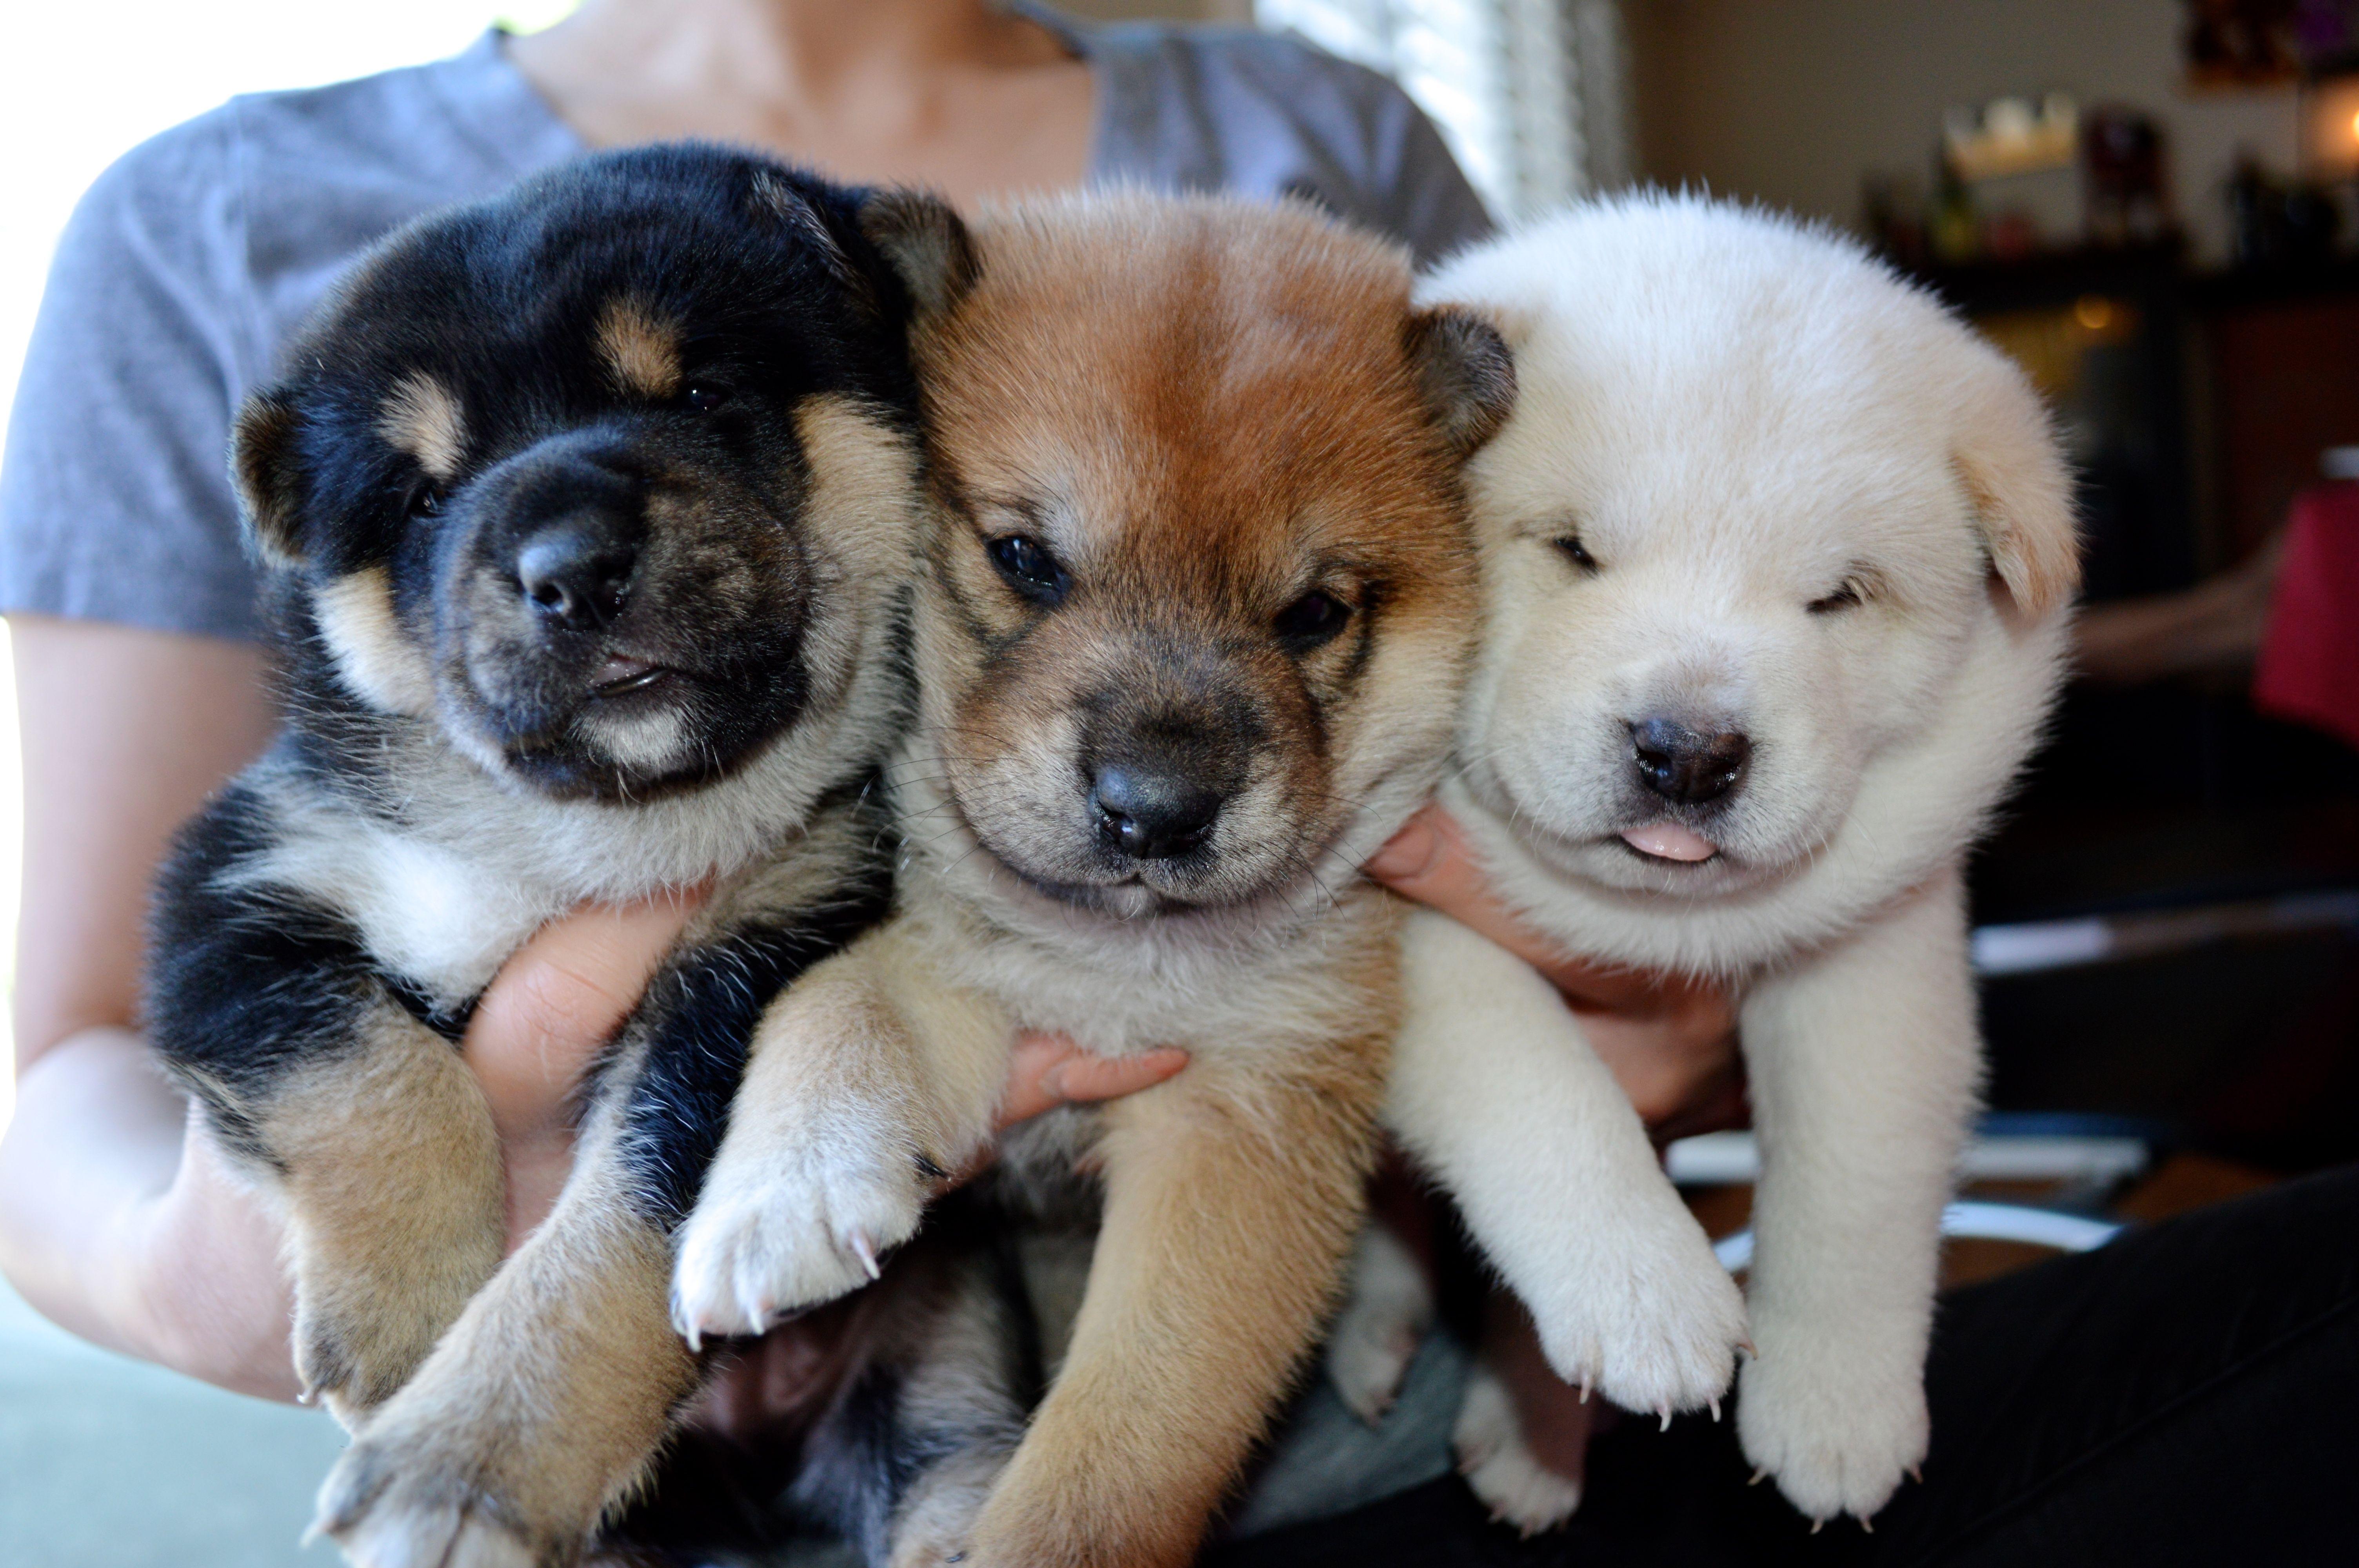 Adorable Animals おしゃれまとめの人気アイデア Pinterest Priscilla Tran 可愛い 動物 柴犬 柴犬 子犬